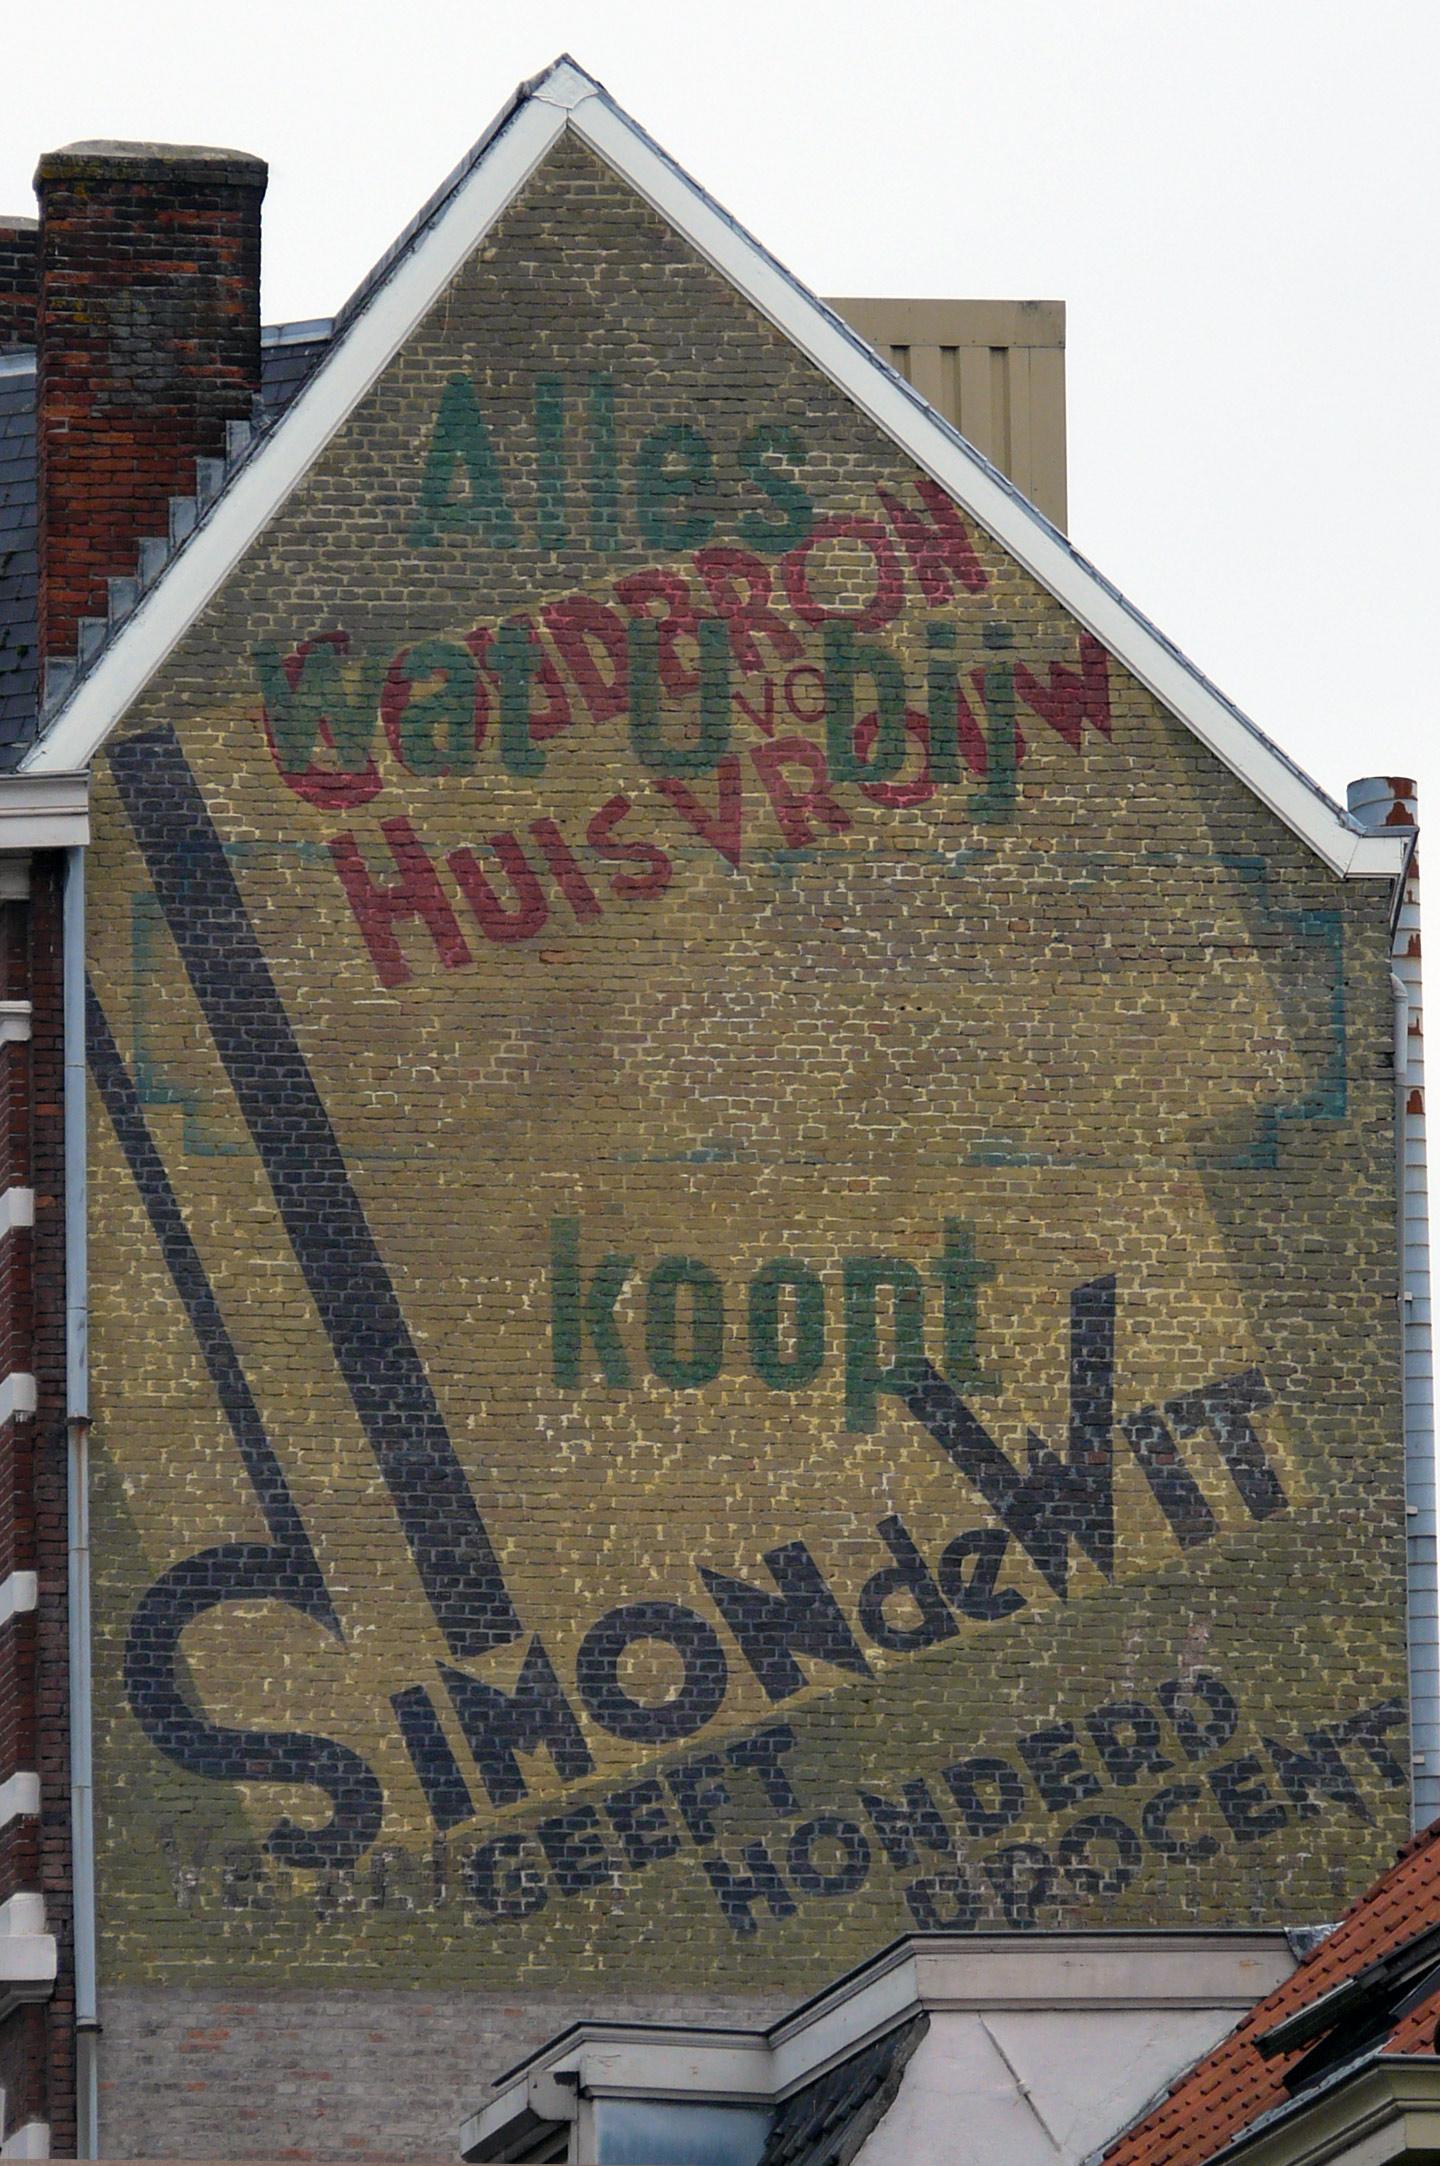 Restauratie gevelreclame Simon de Wit.